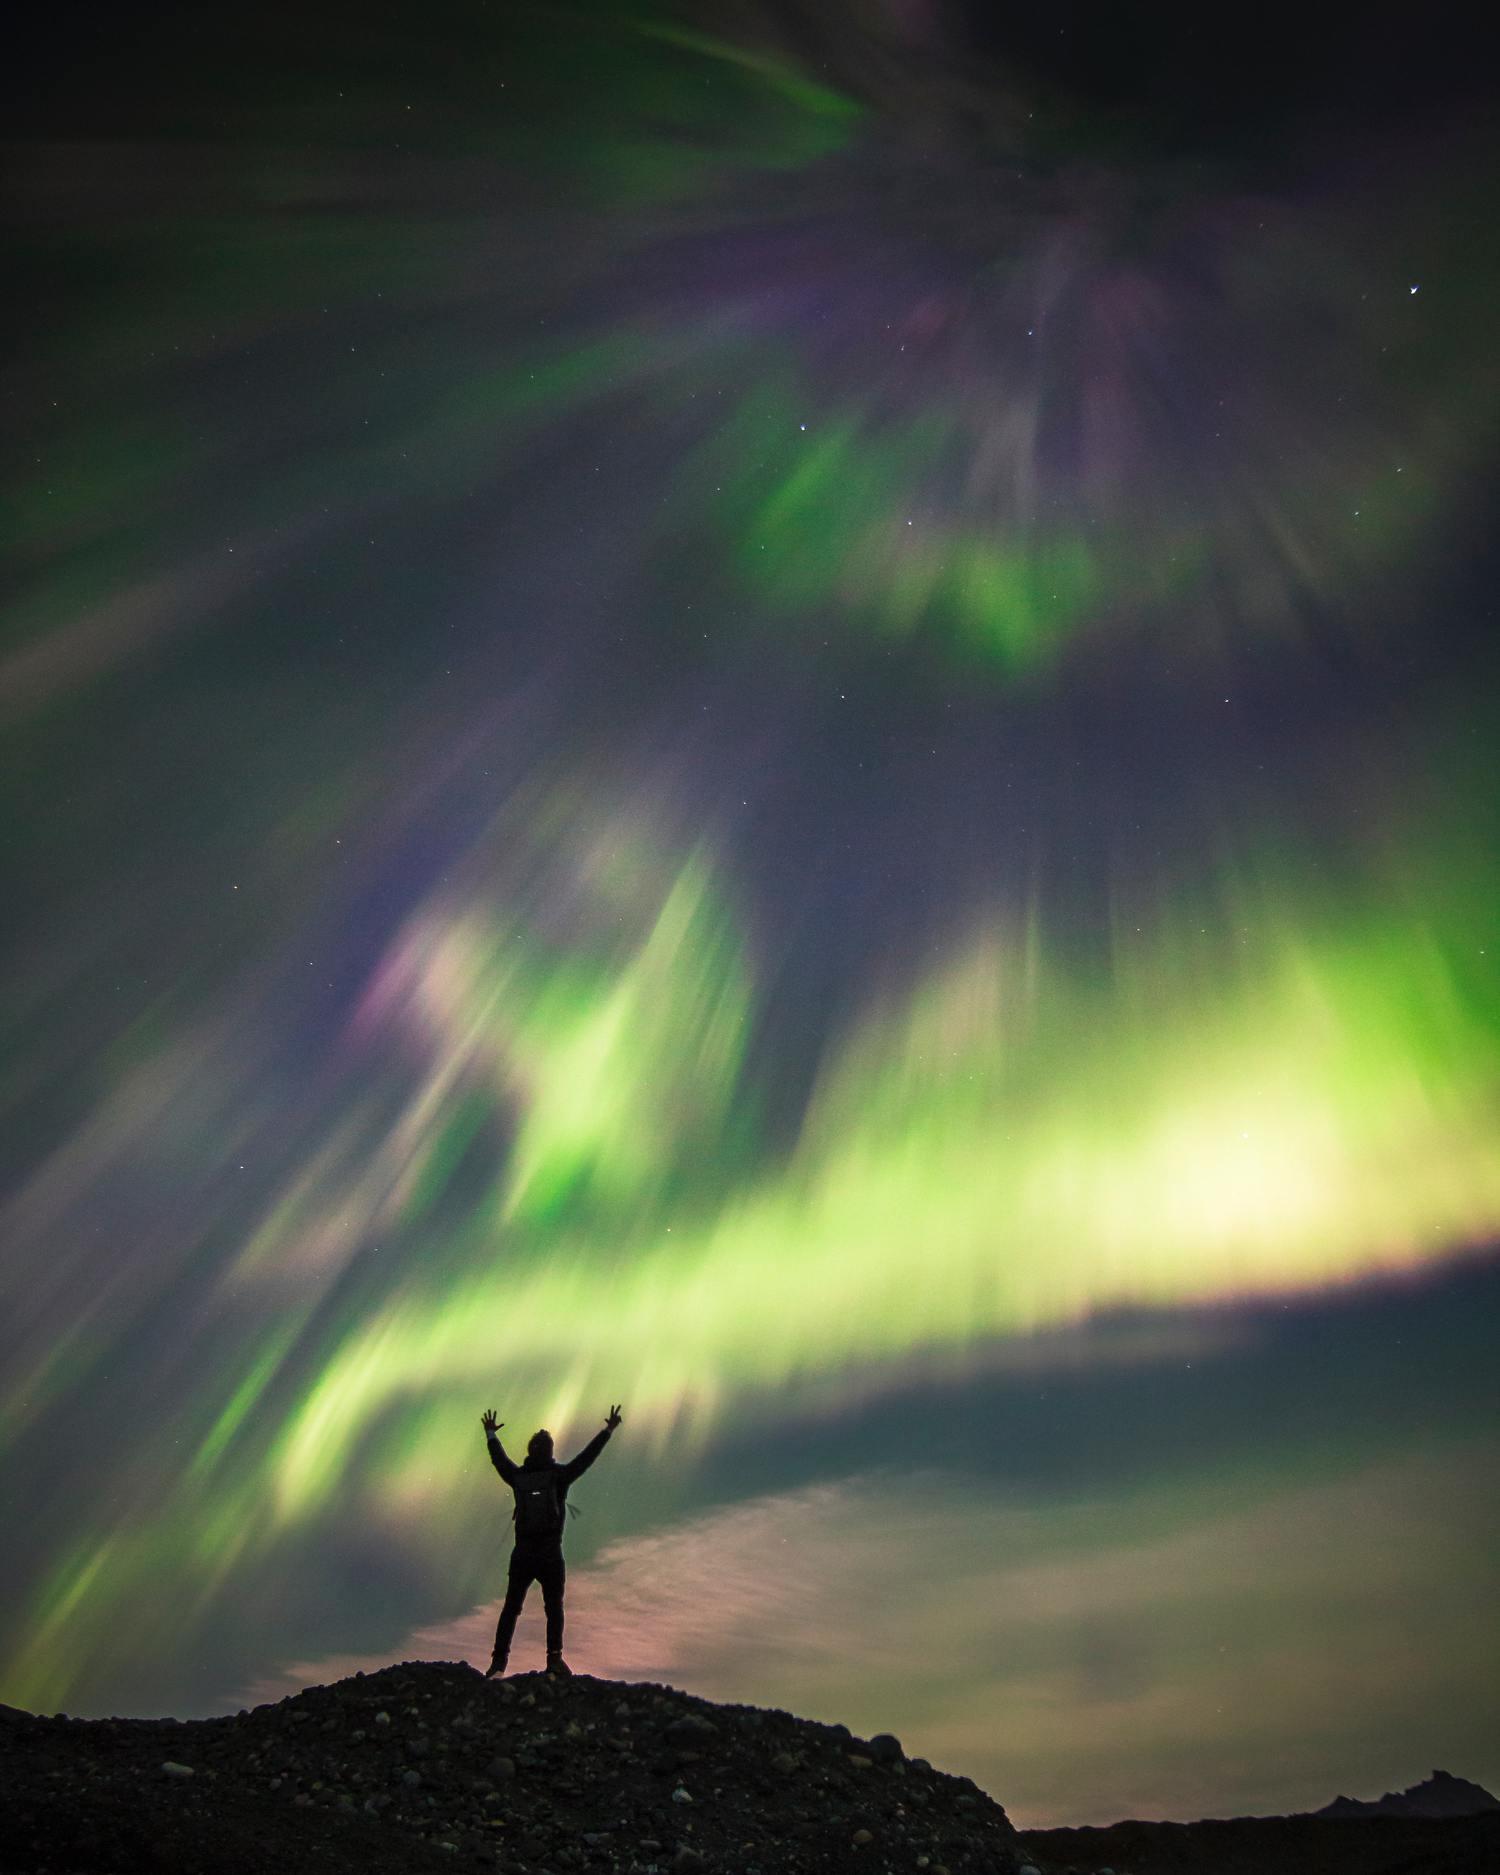 Ejemplo de géneros fotográficos,   fotografía nocturna, aurora boreal